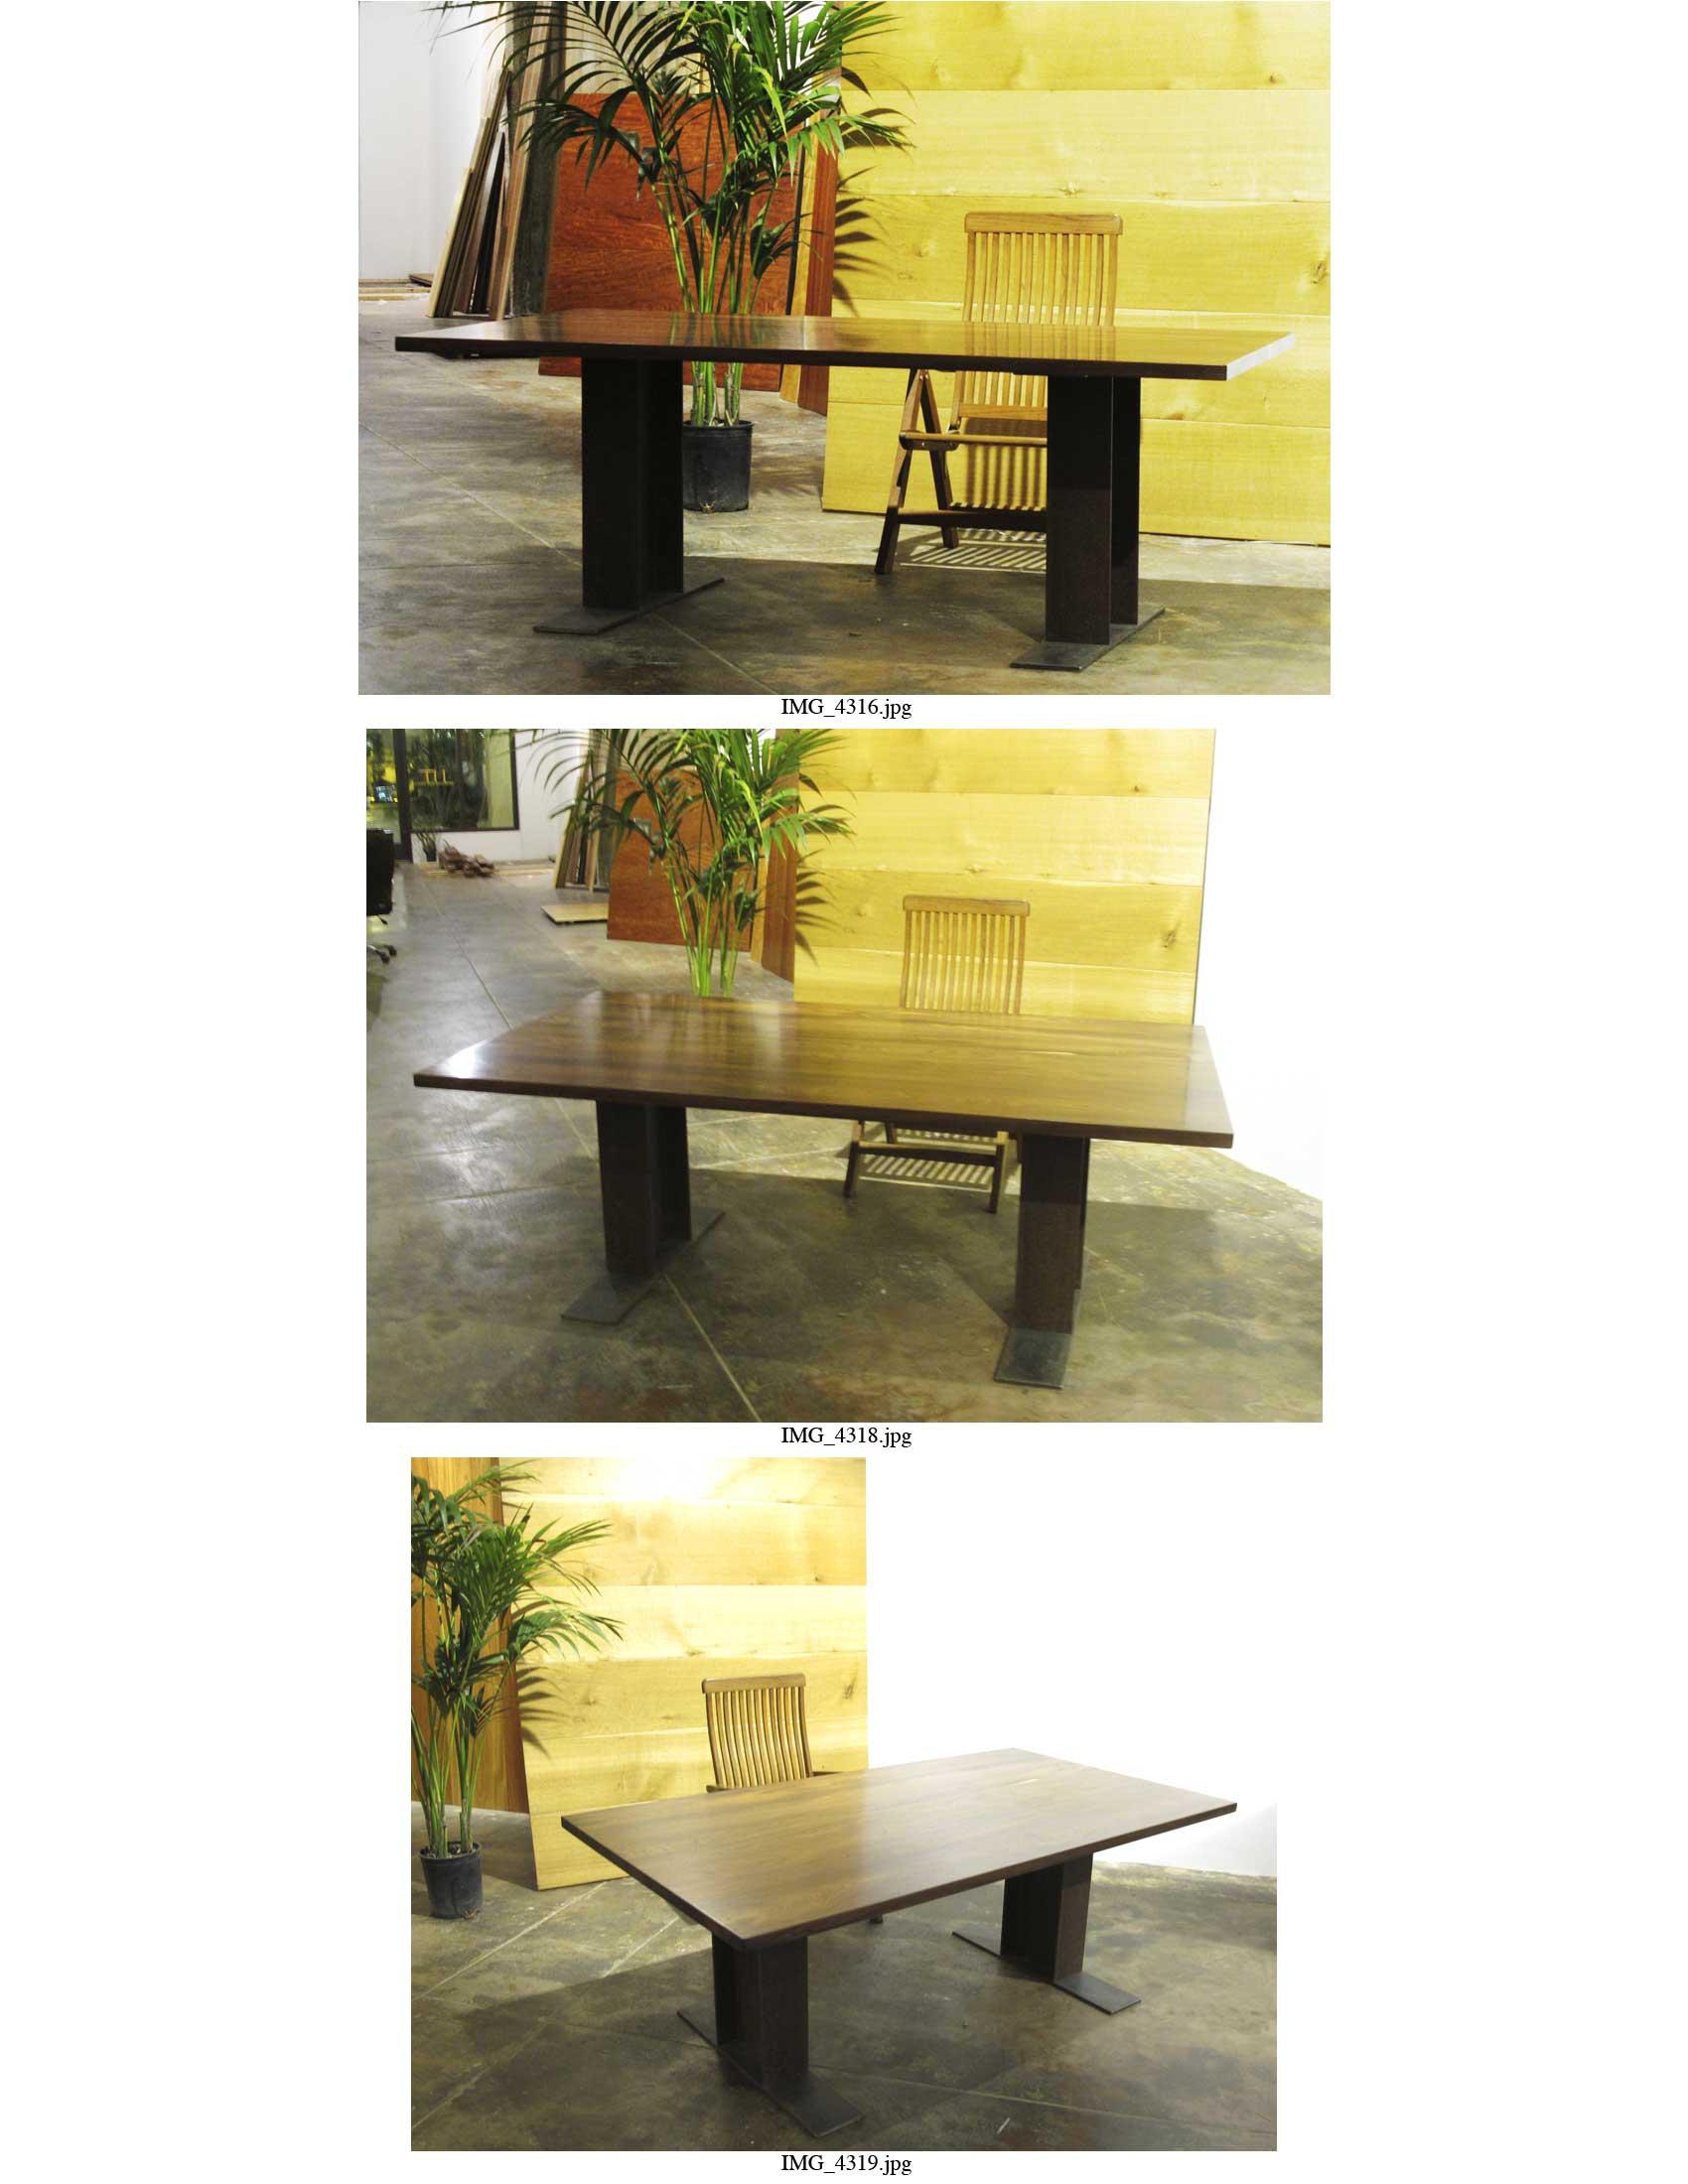 Odies+oil+enhances+rosewood+table.jpg